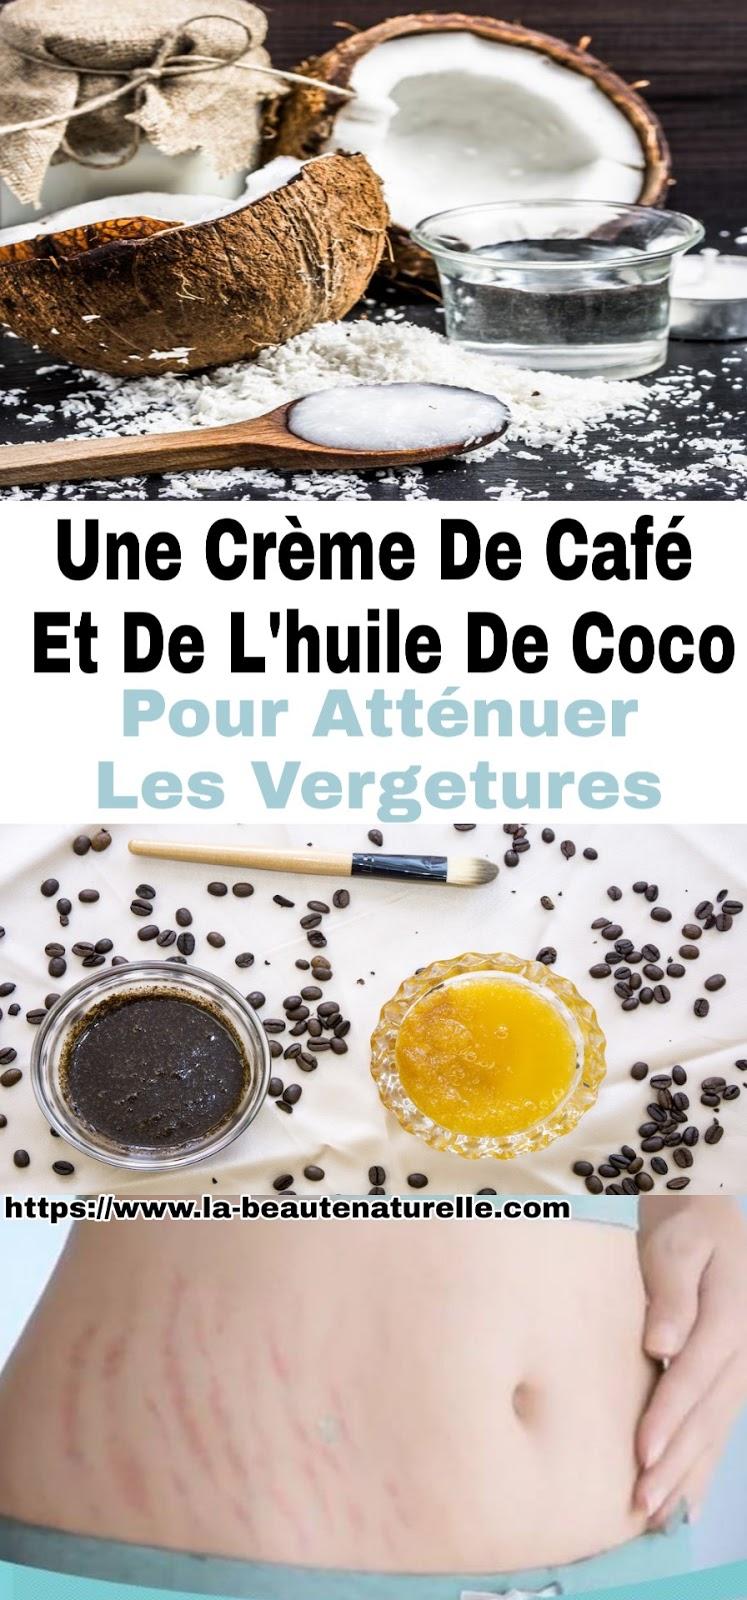 Une Crème De Café Et De L'huile De Coco Pour Atténuer Les Vergetures